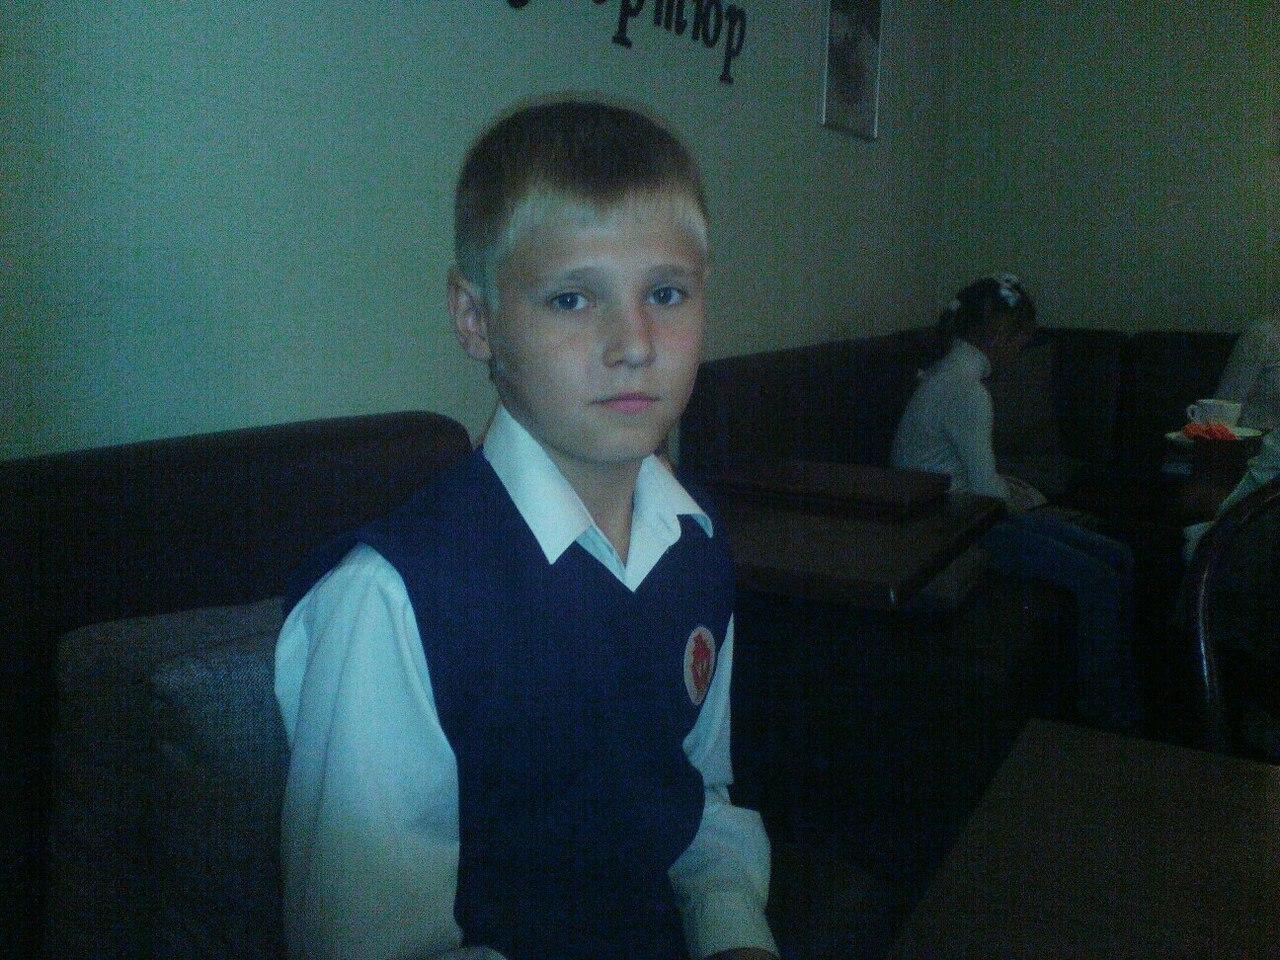 Милиция всю ночь разыскивала пропавшего ребенка вКрасноярске